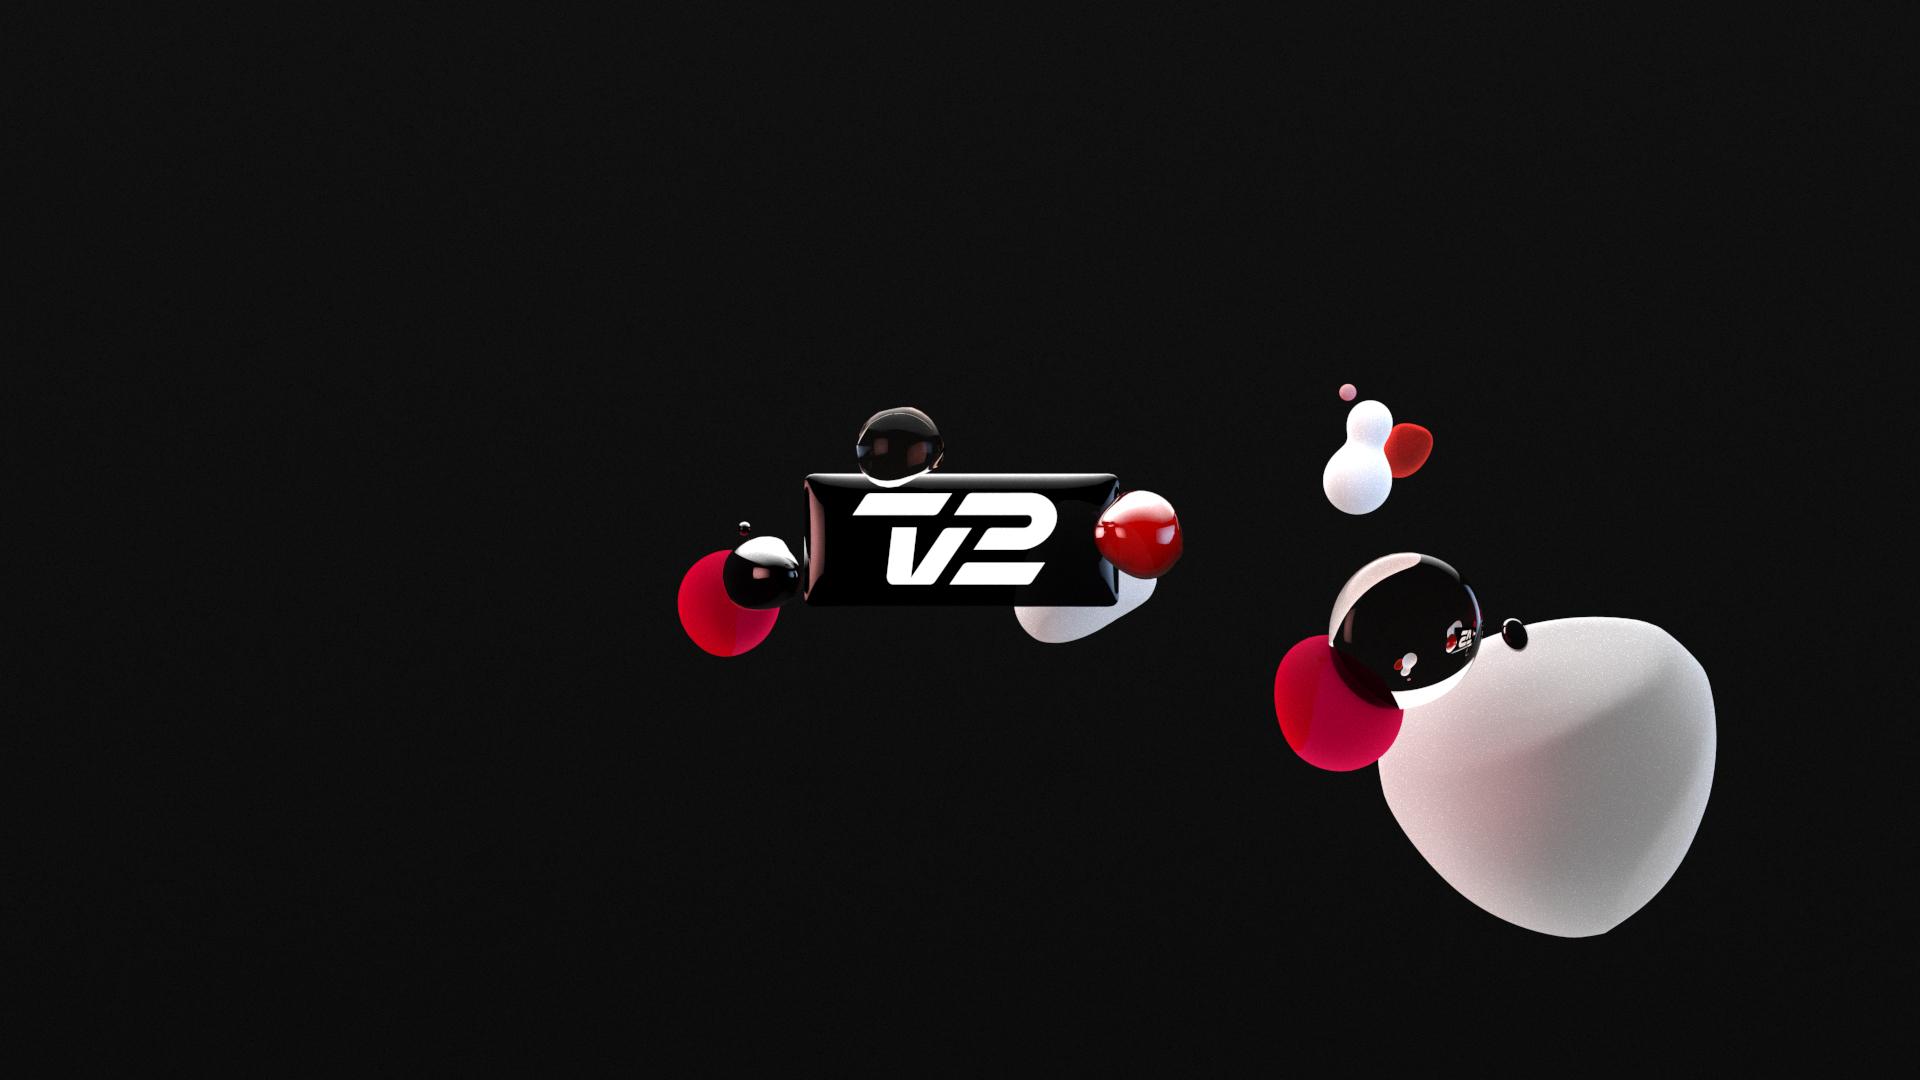 Tv2 Denmark On Air Identity 2012 13 Motion Design